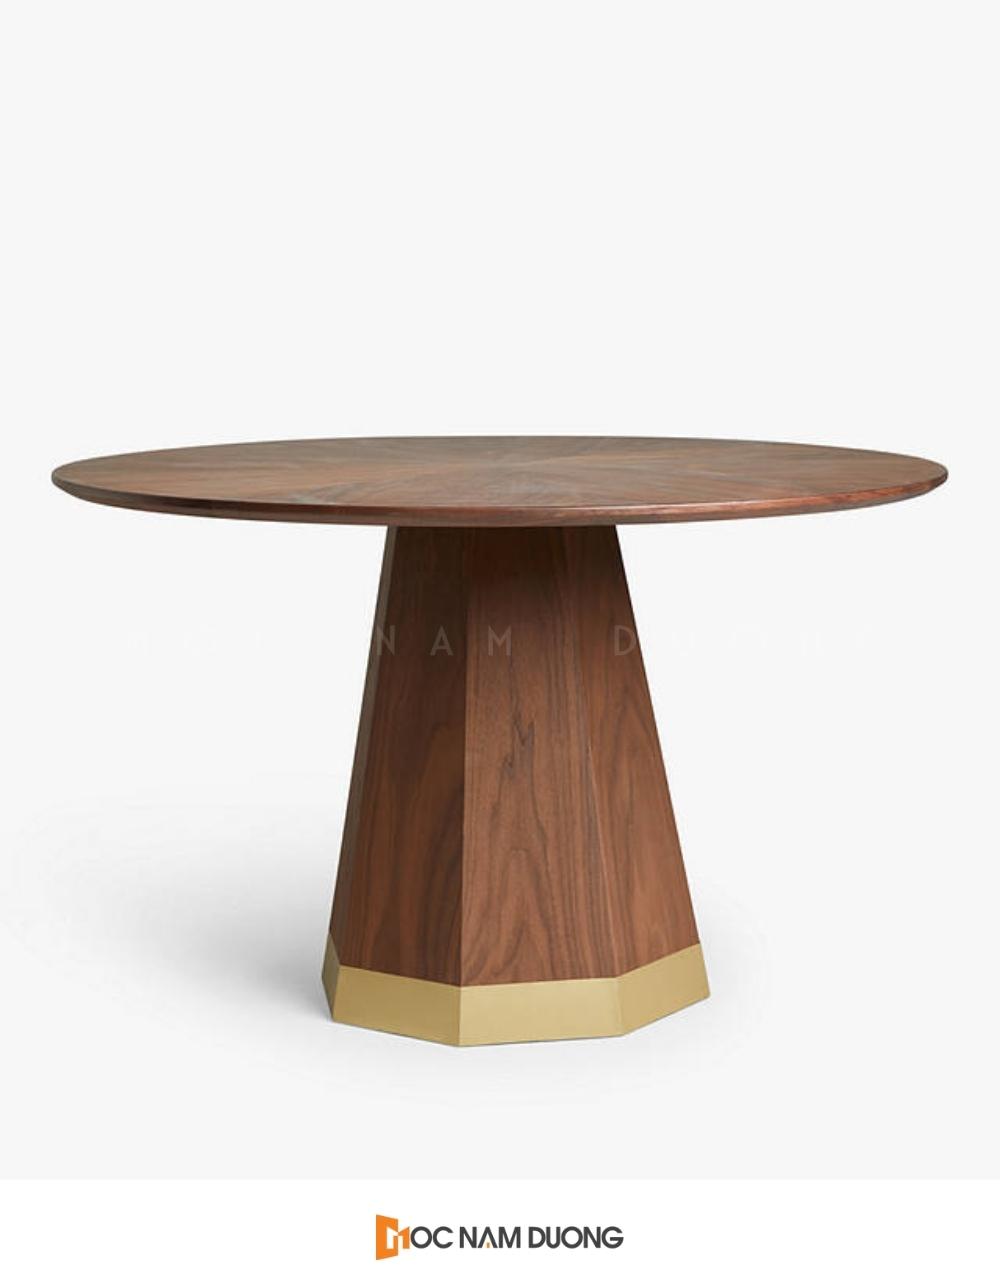 Mẫu 1: Đôn gỗ óc chó trụ kết hợp mặt tròn gọn gàng